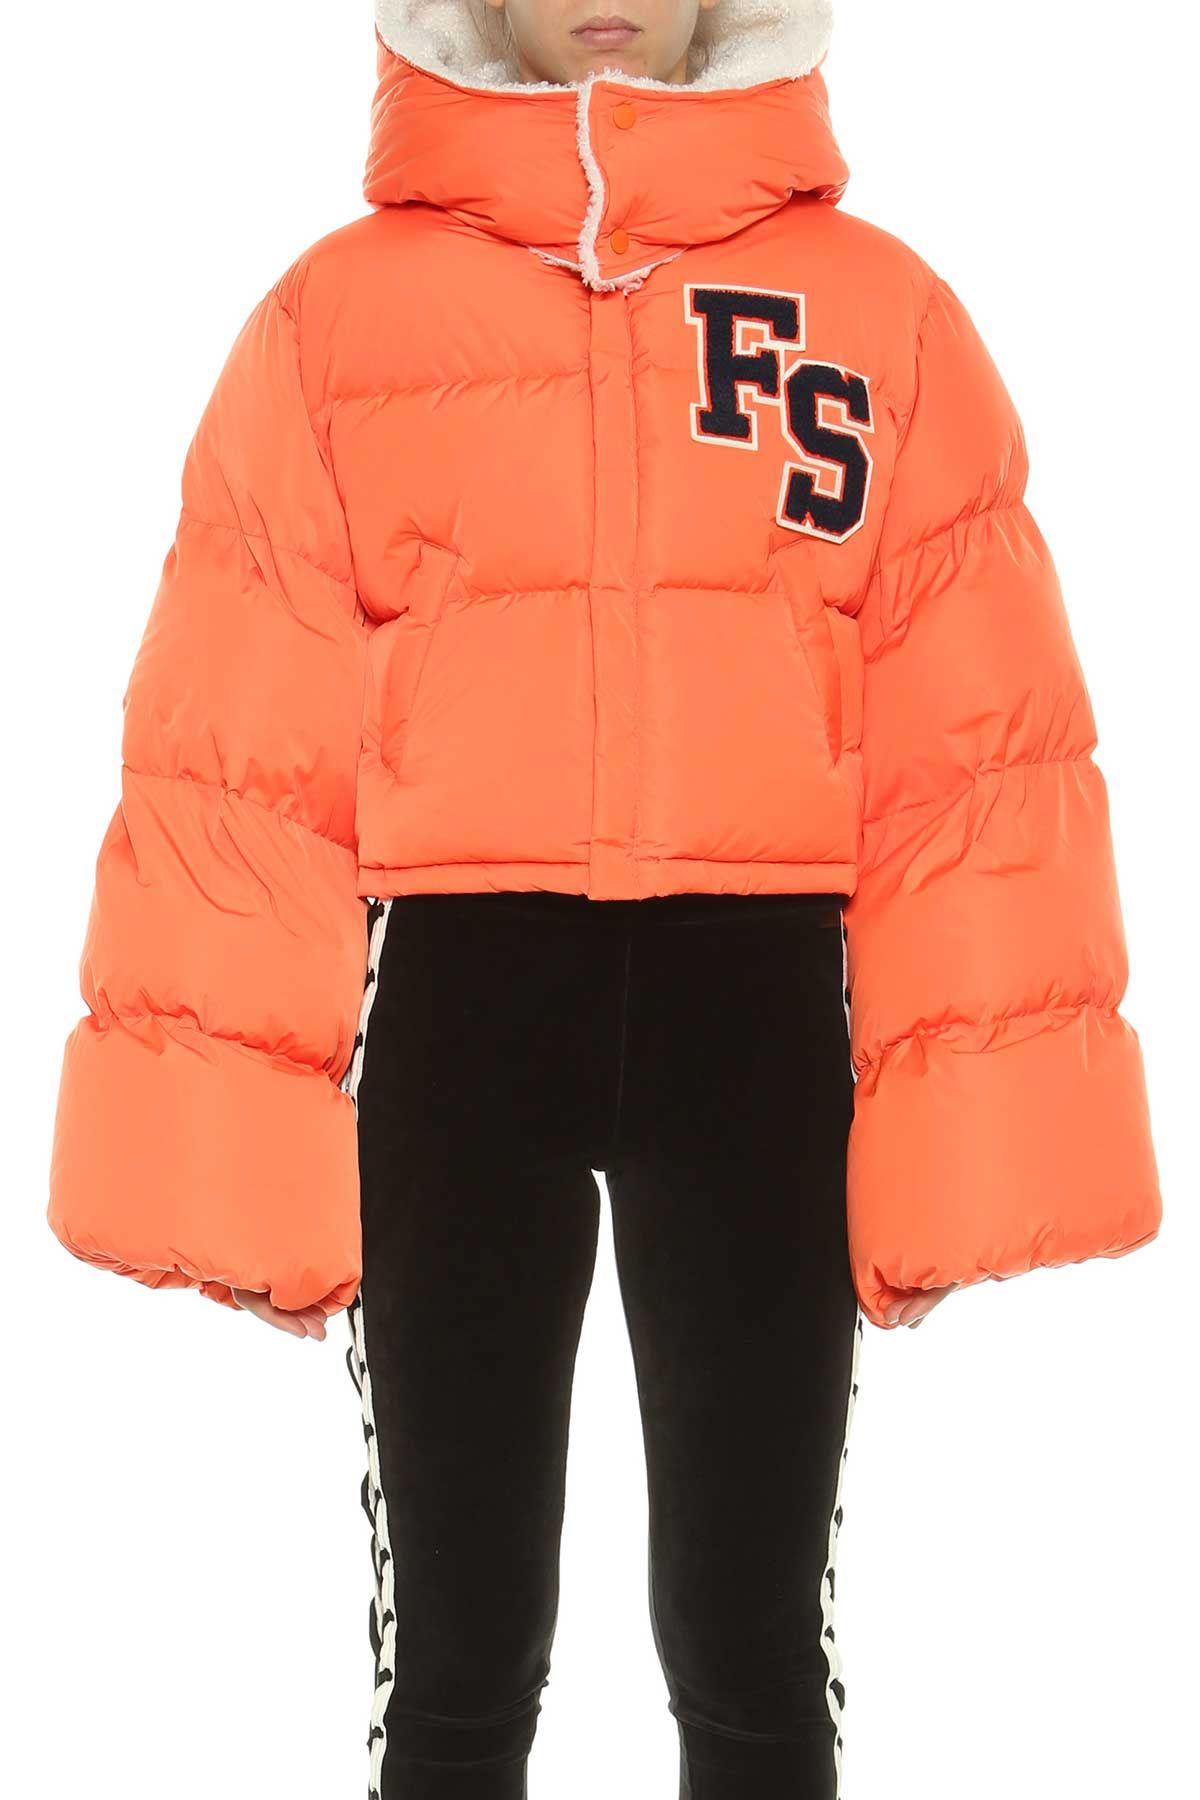 Fenty X Puma Fenty Puma By Rihanna Cropped Down Jacket Fentyxpuma Cloth Down Jacket Jackets Rihanna Fenty Puma [ 1800 x 1200 Pixel ]